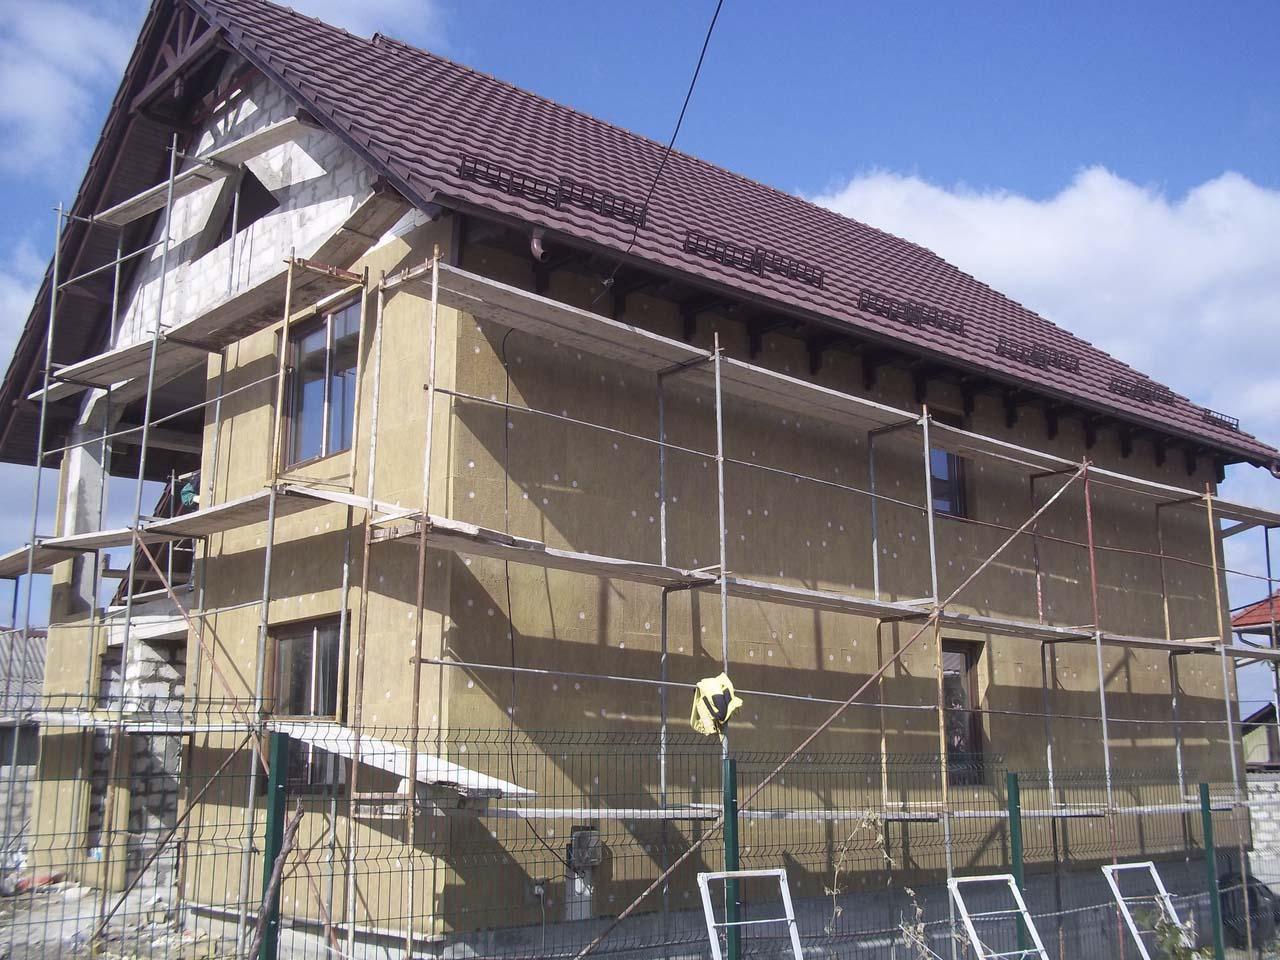 vidy-utepleniya-fasada-chem-uteplit-fasad-doma-materialy-i-tehnologii-3